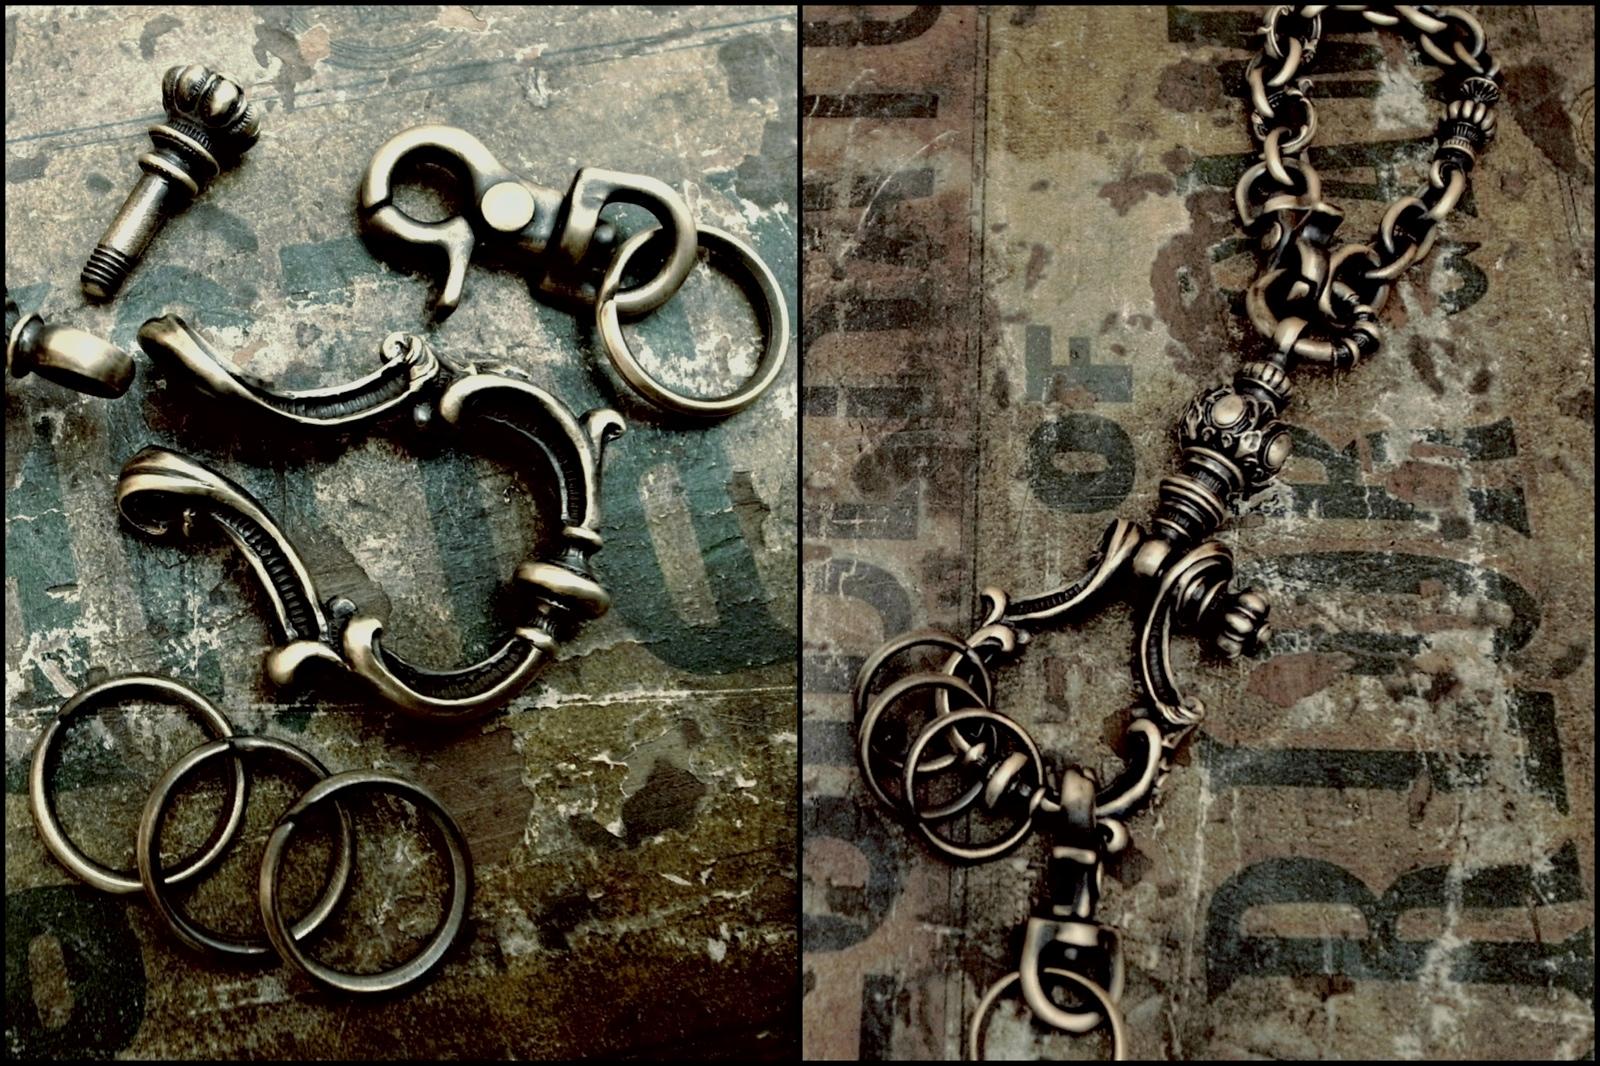 シャックル式なので分解可能【Antique Shackle Keychain】